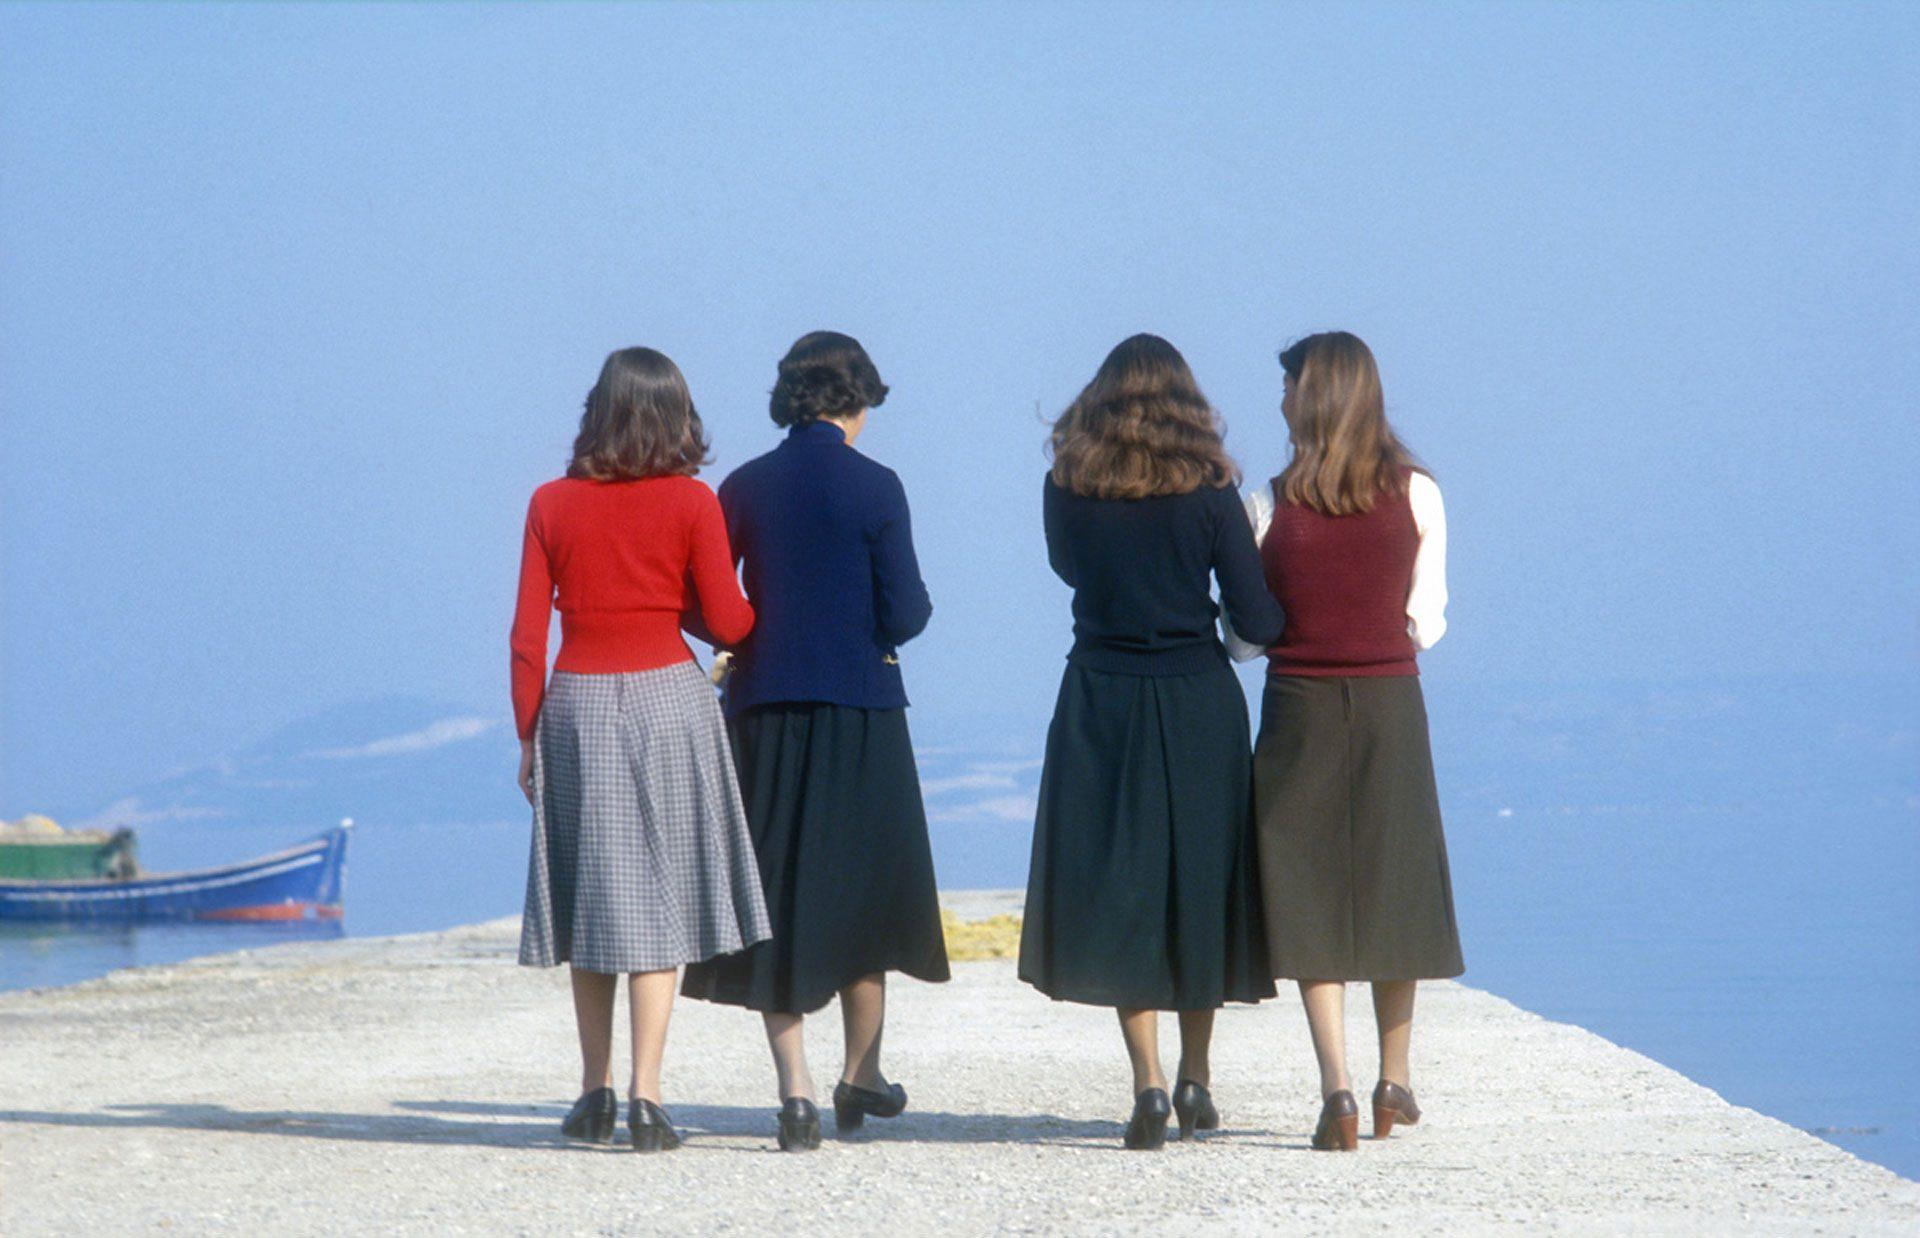 Im Gegensatz zur zurückliegenden Tortur, erscheint die nordgriechische Grenze fast wie das Tor zum Paradies. Es ist warm geworden, die Luft ist gut, es duftet nach Zypressen, bald taucht leuchtend blau das Meer auf...